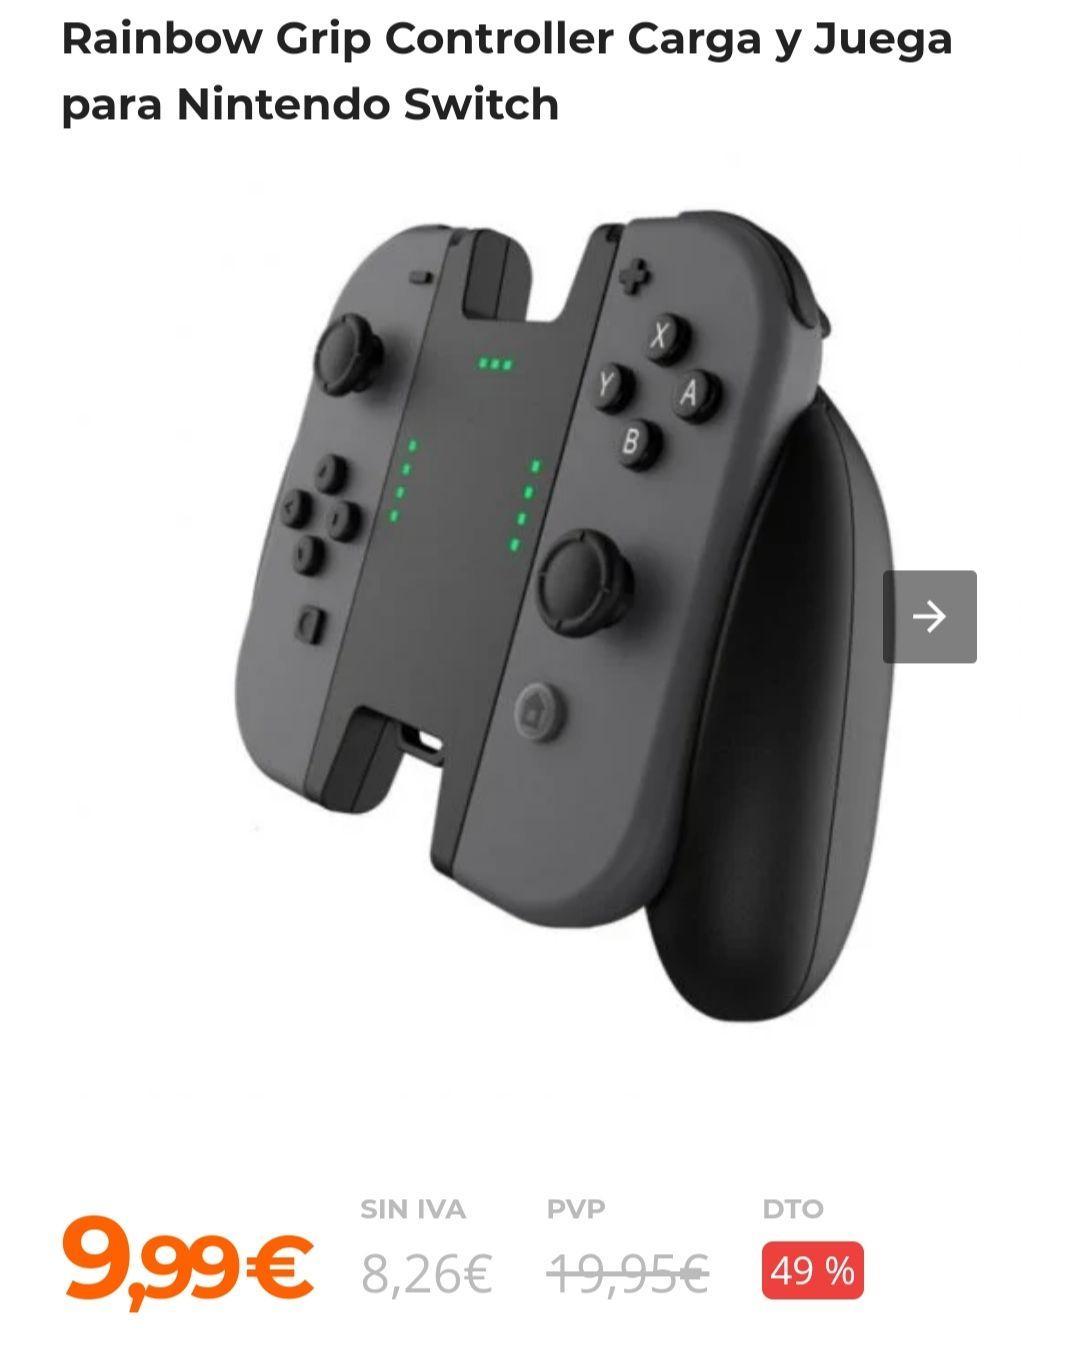 Rainbow Grip Controller Carga y Juega para Nintendo Switch